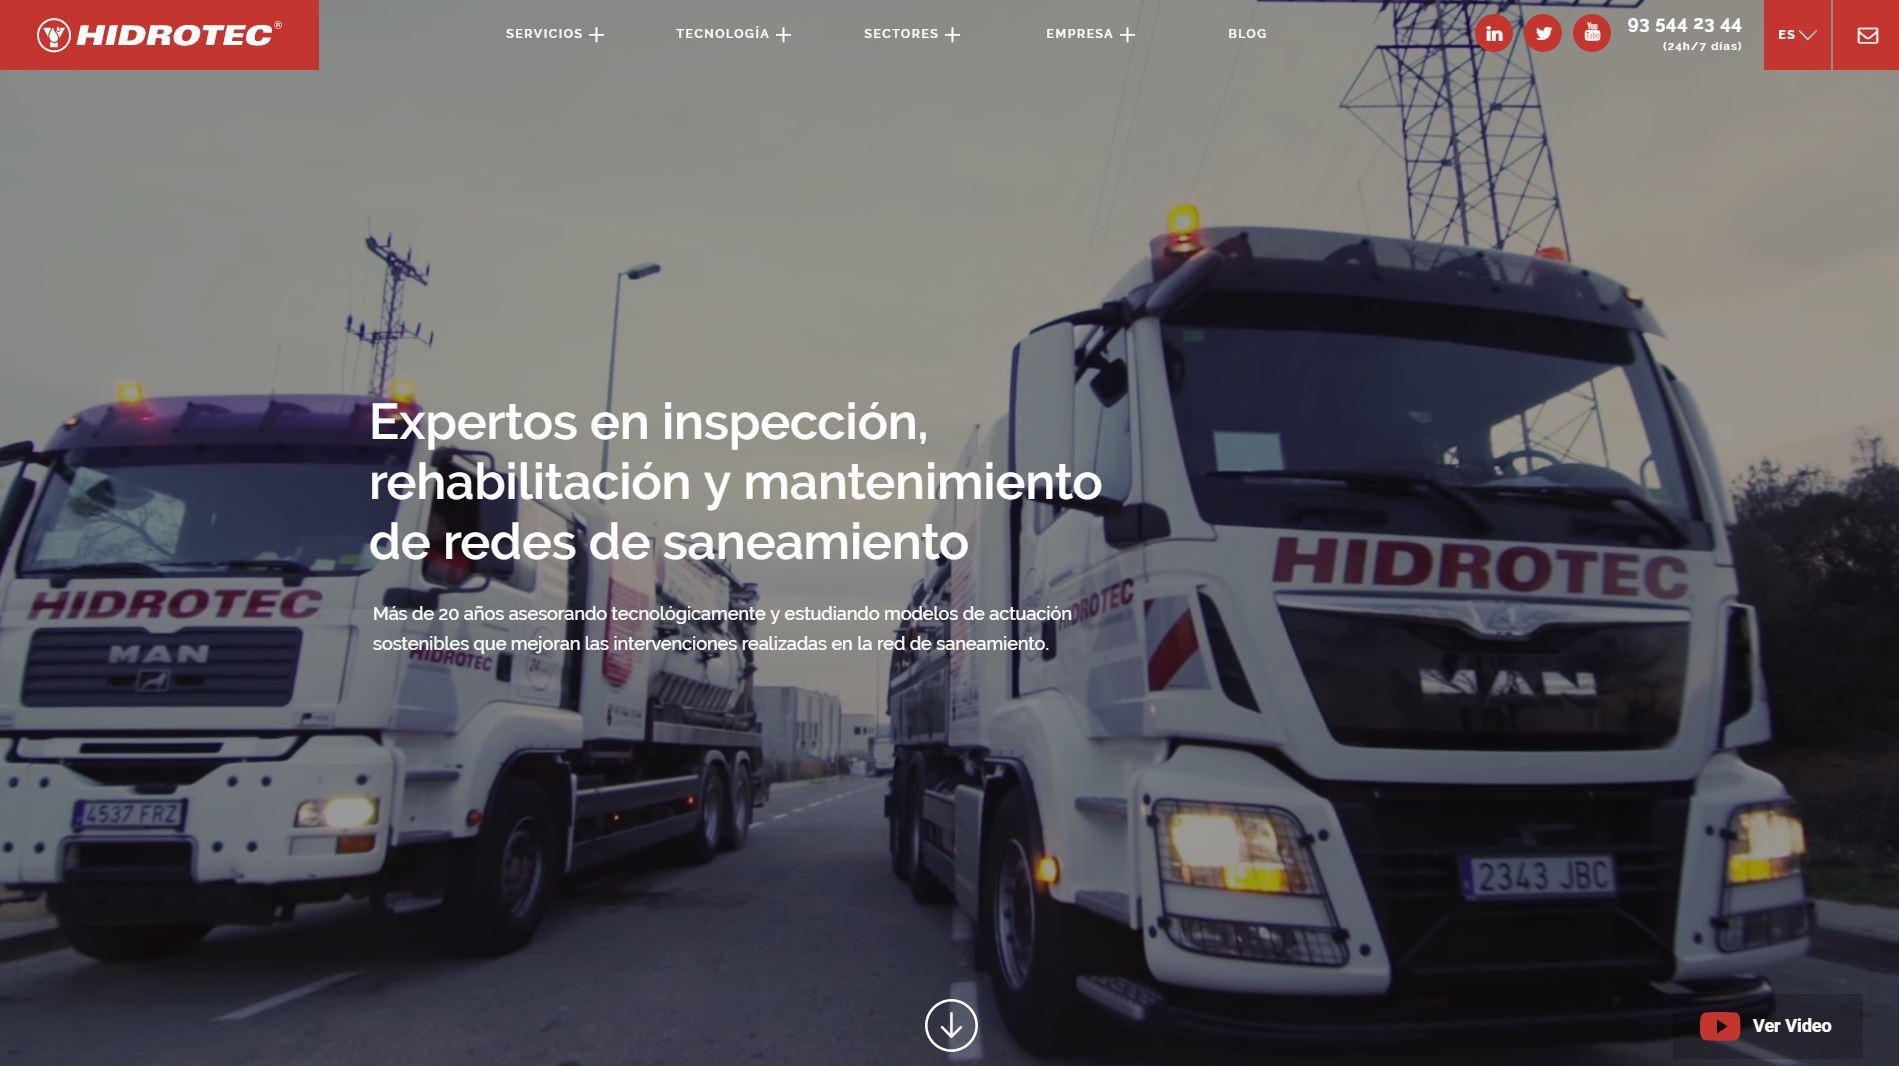 hidrotec-portada-web